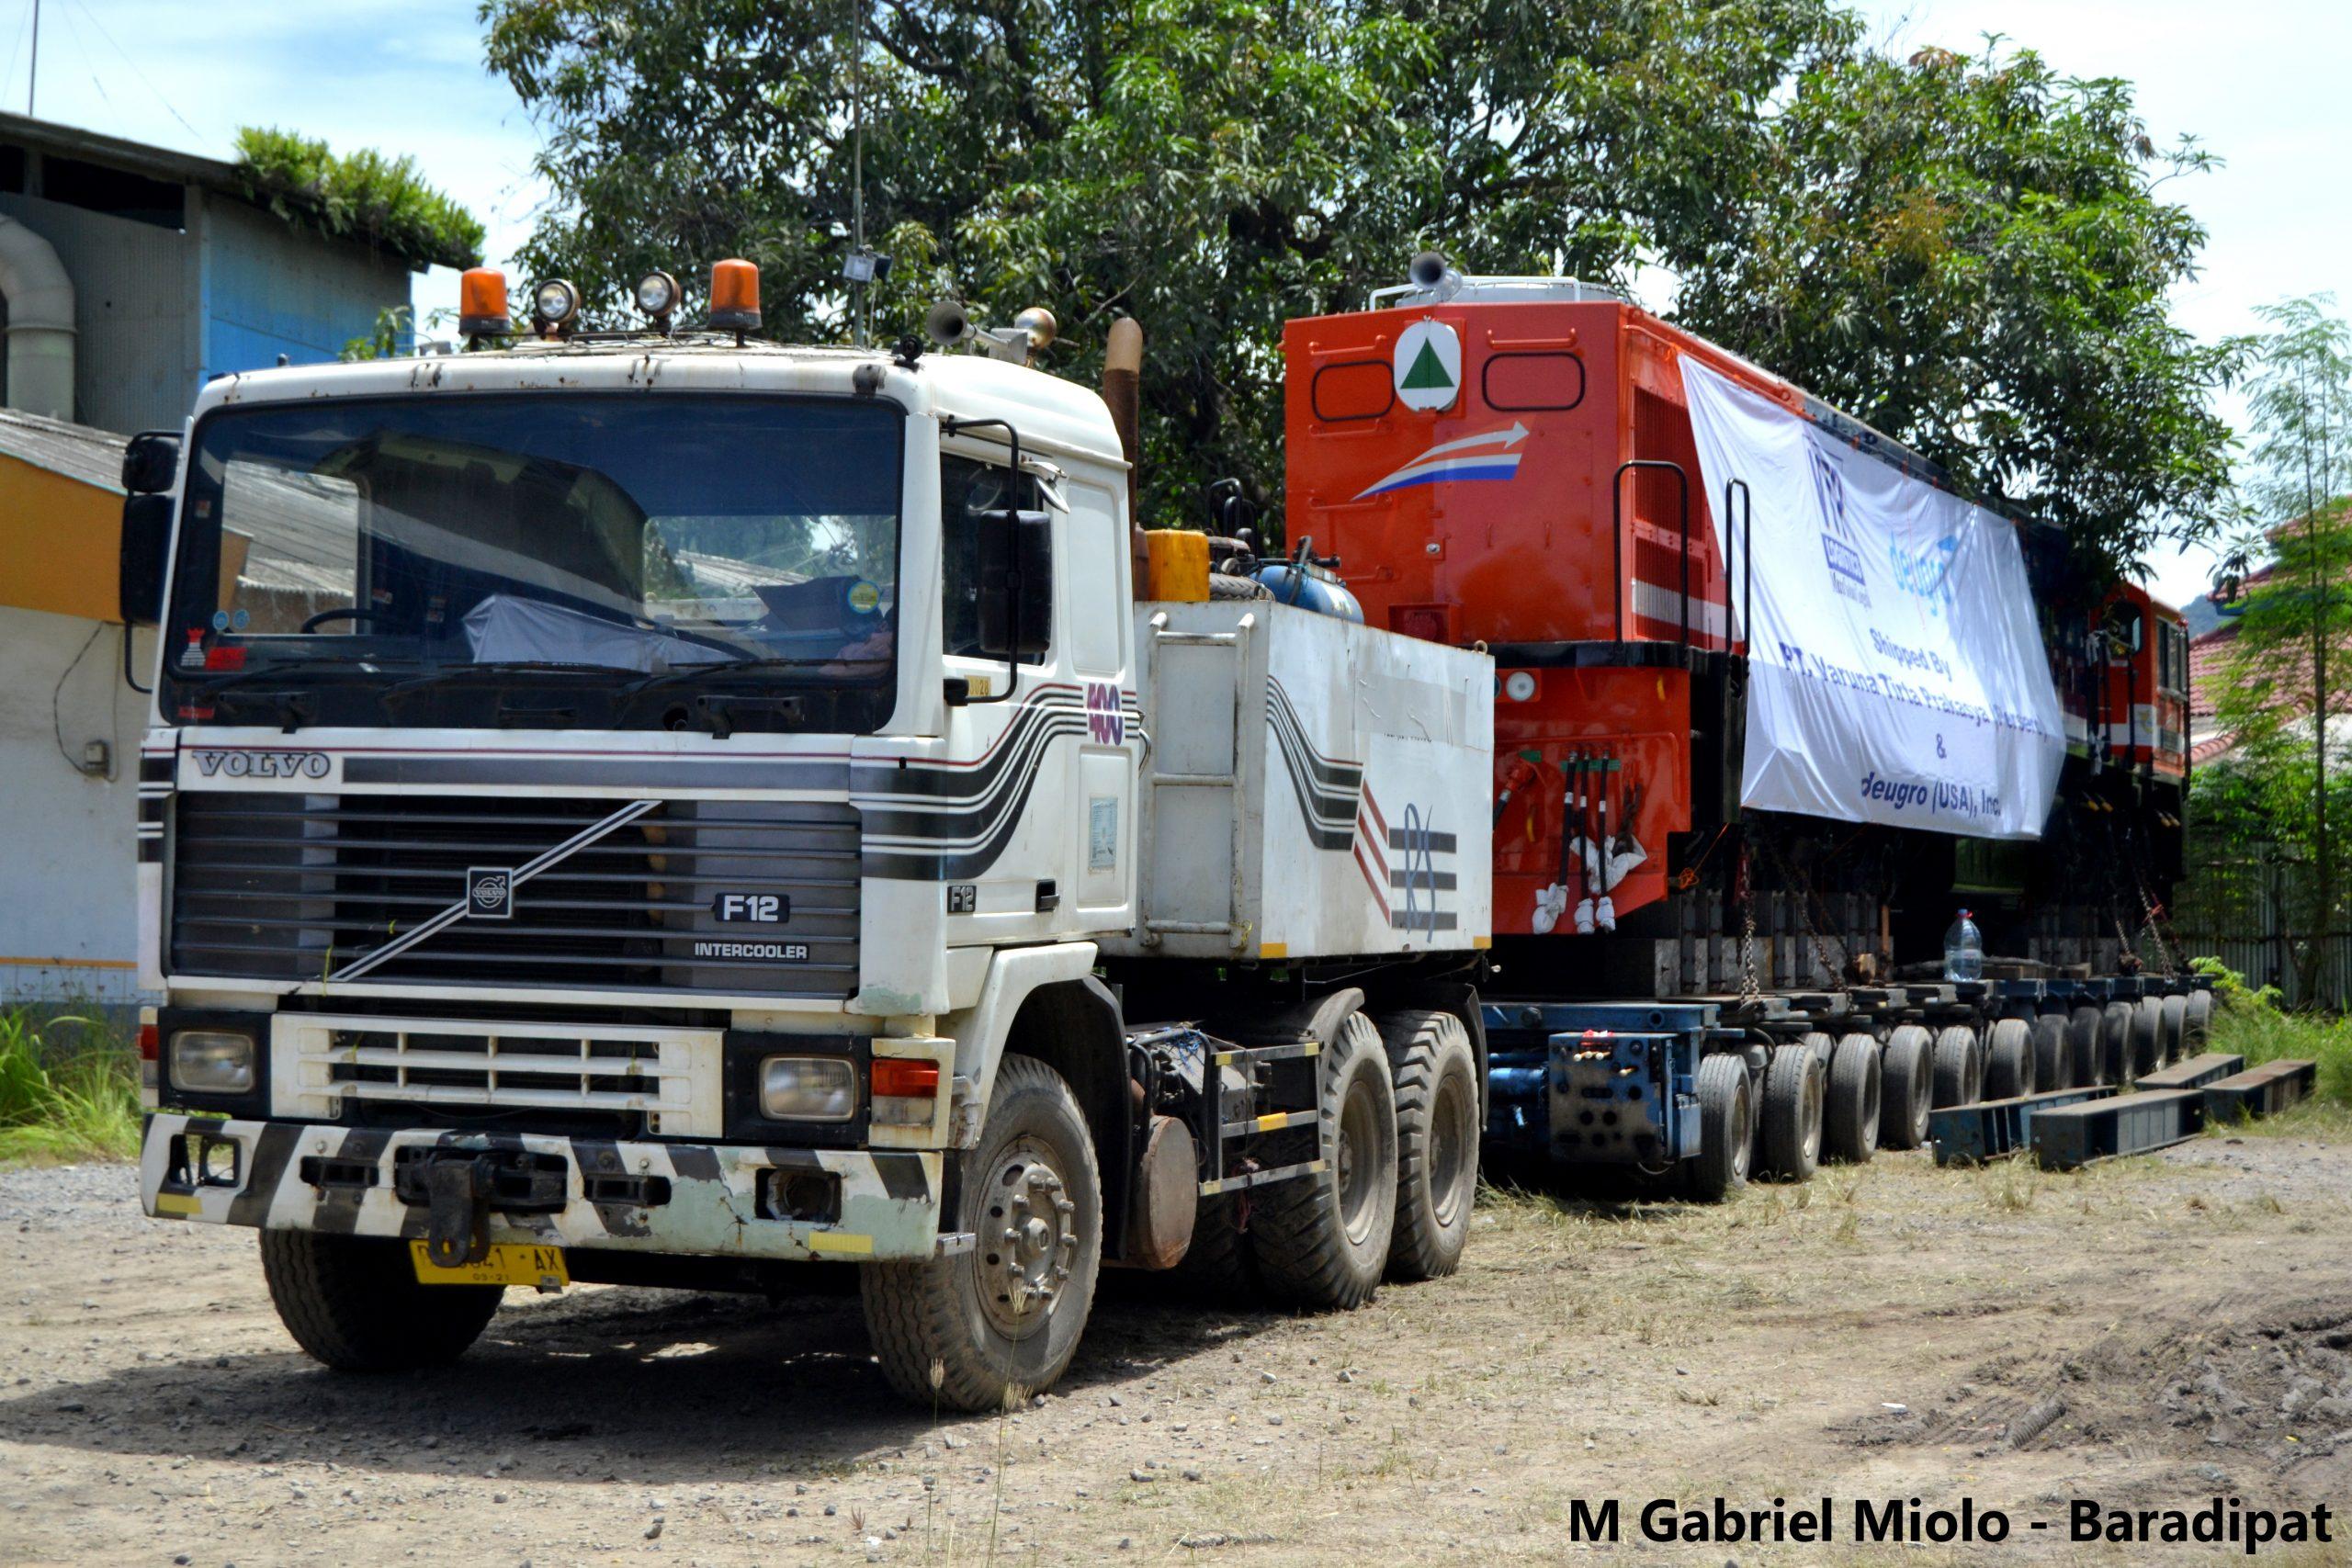 lokomotif cc2051315 cometo